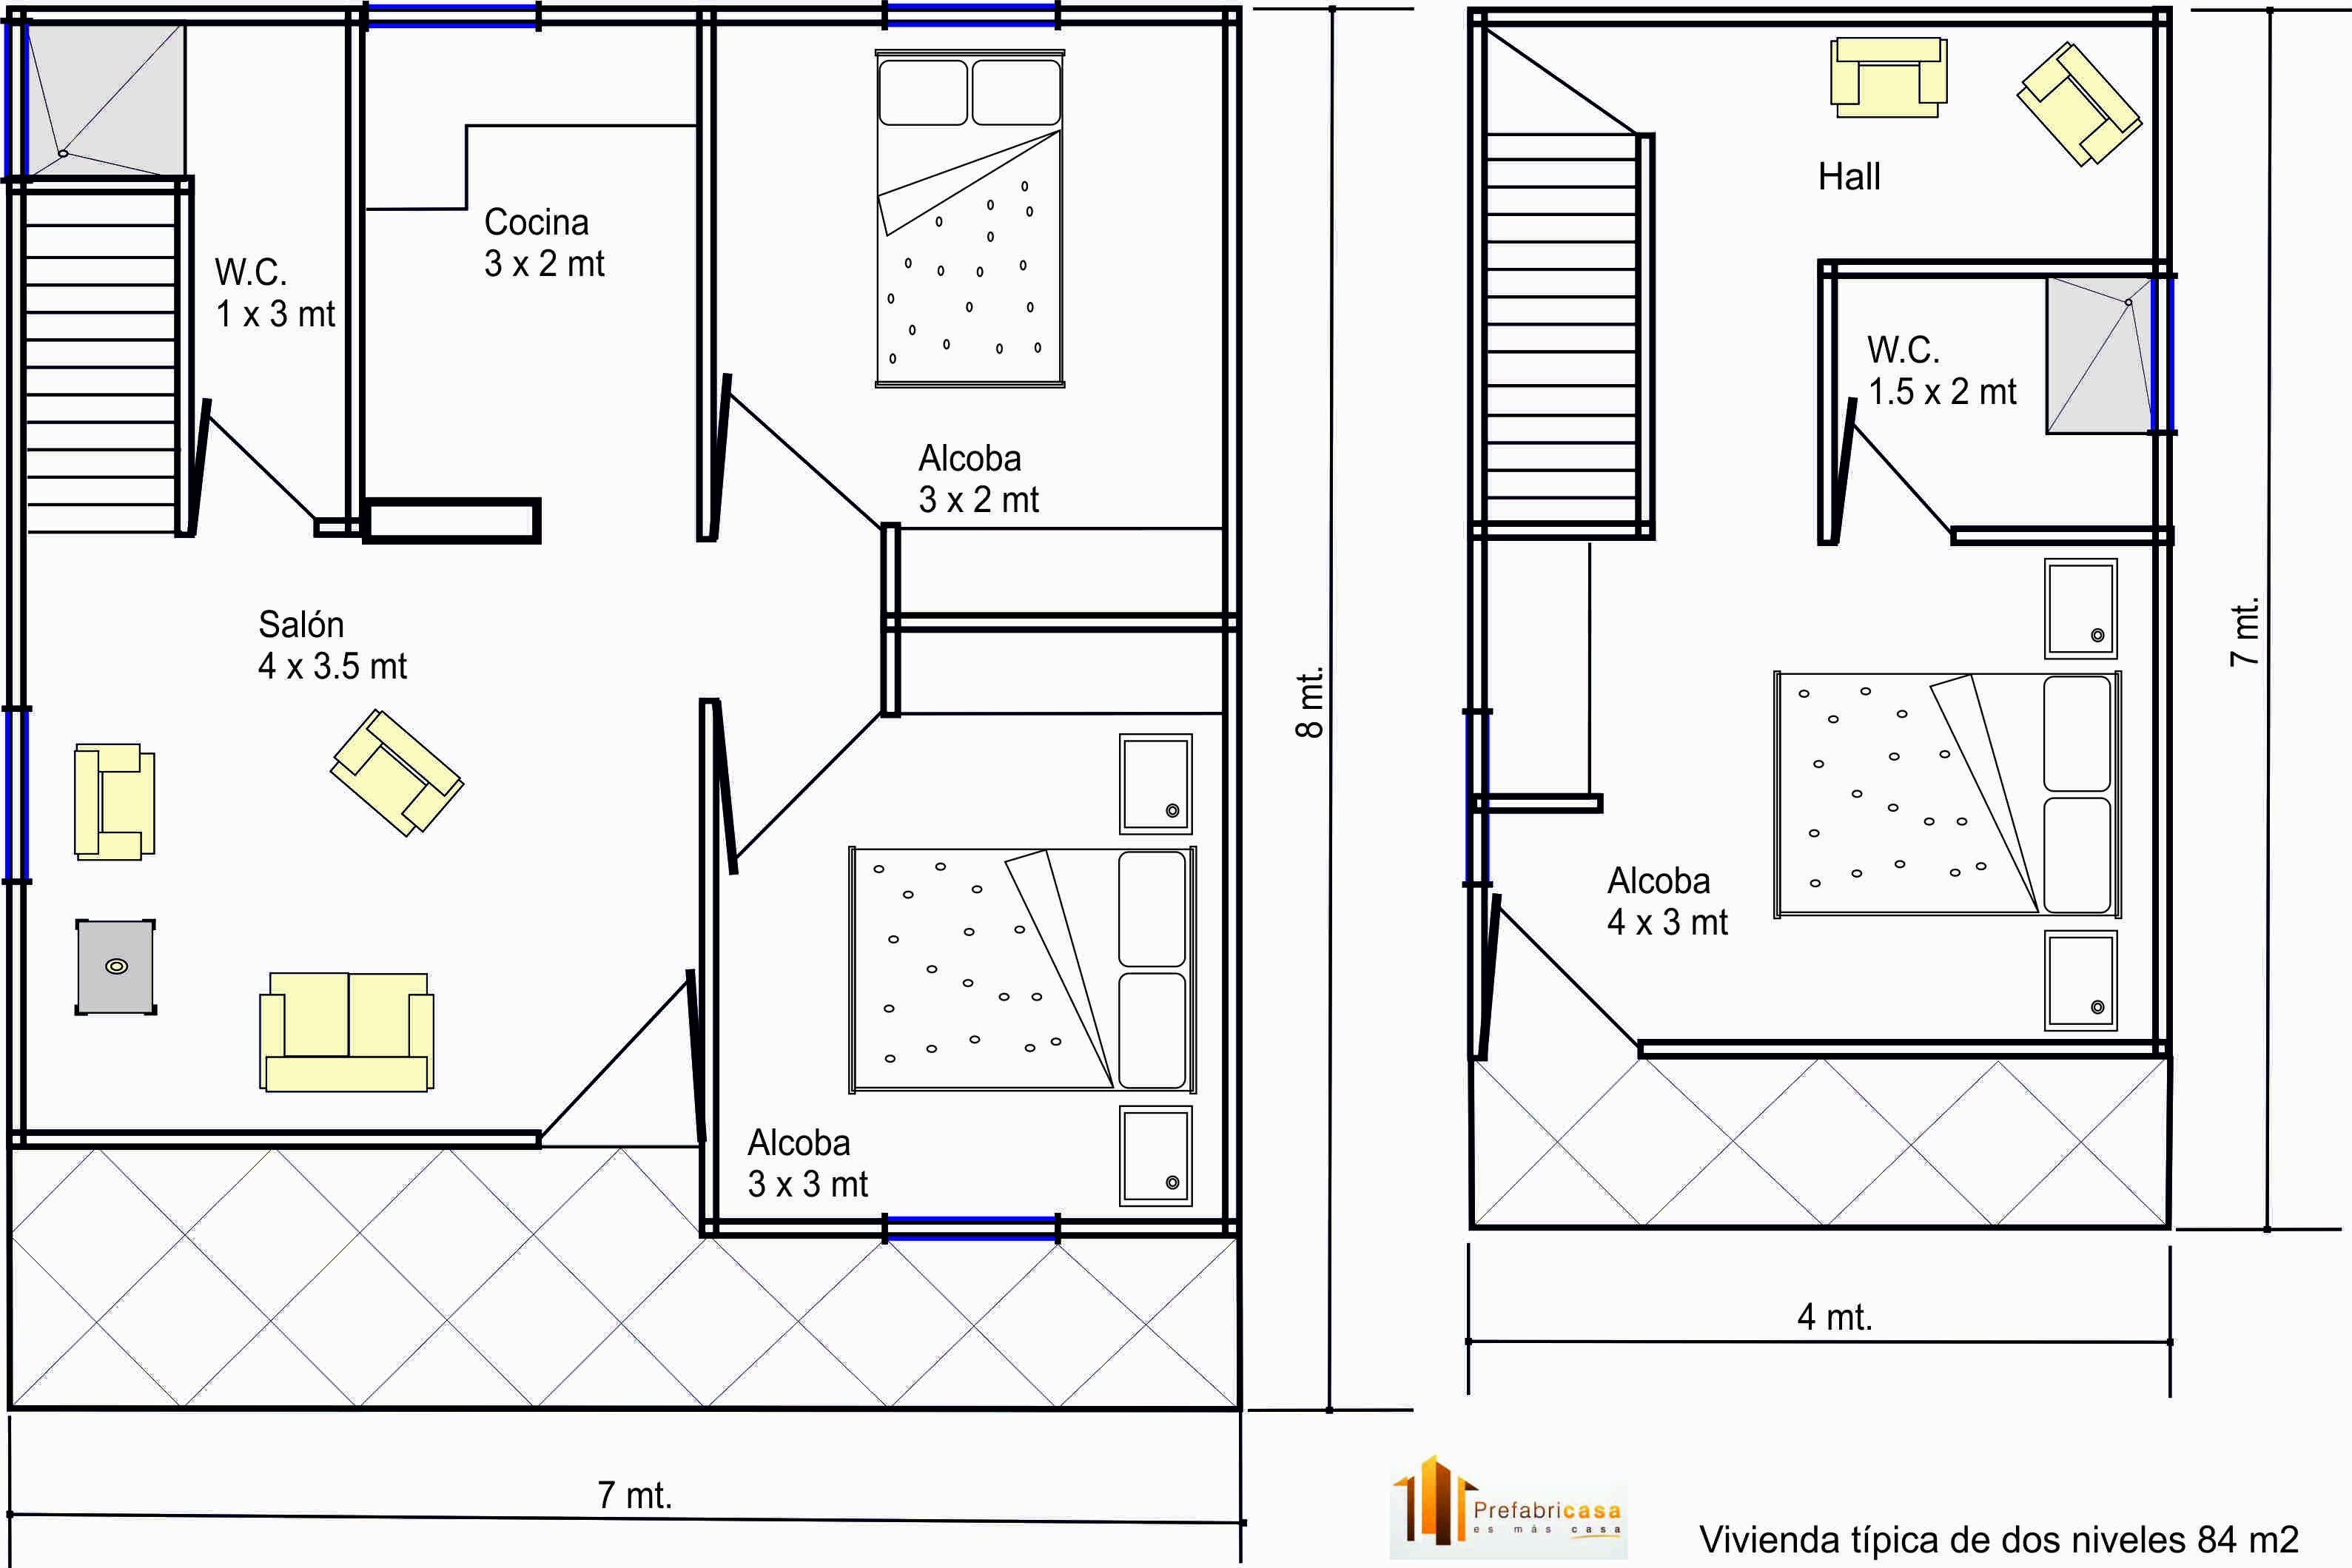 Dise os casas prefabricadas 84 mts 2 casas prefabricadas for Casas de diseno imagenes